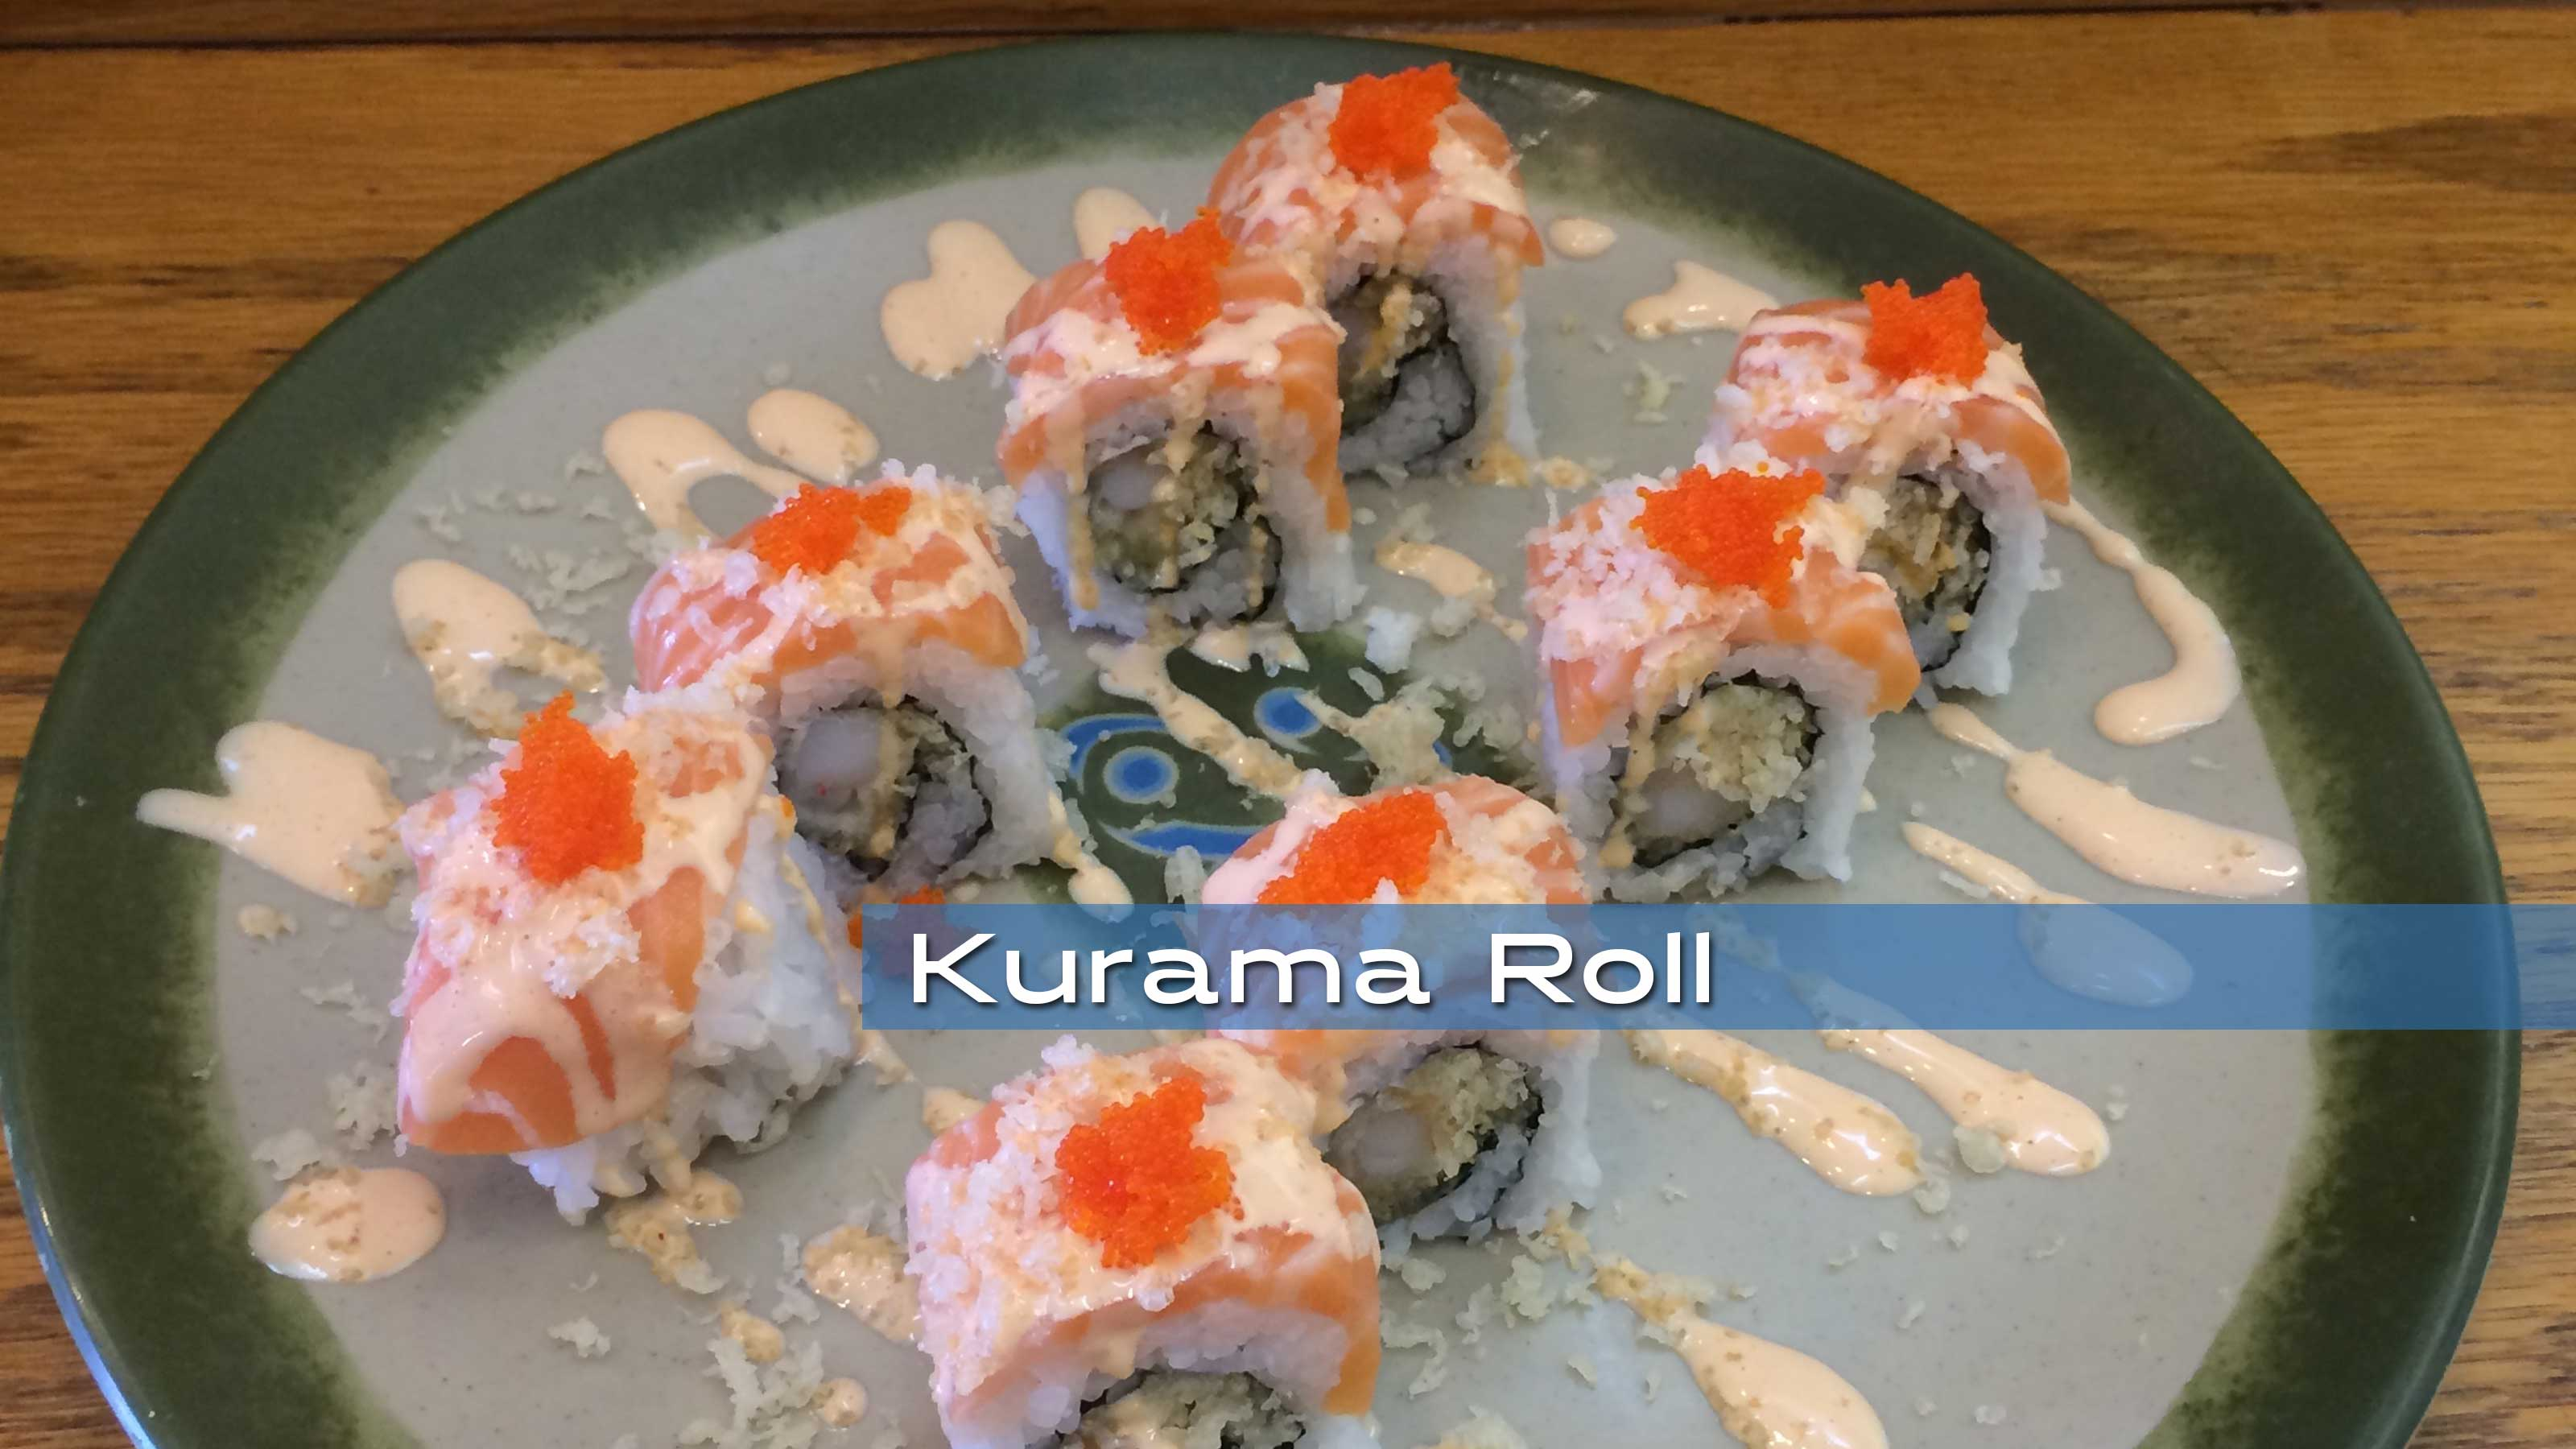 Kurama Sushi Roll